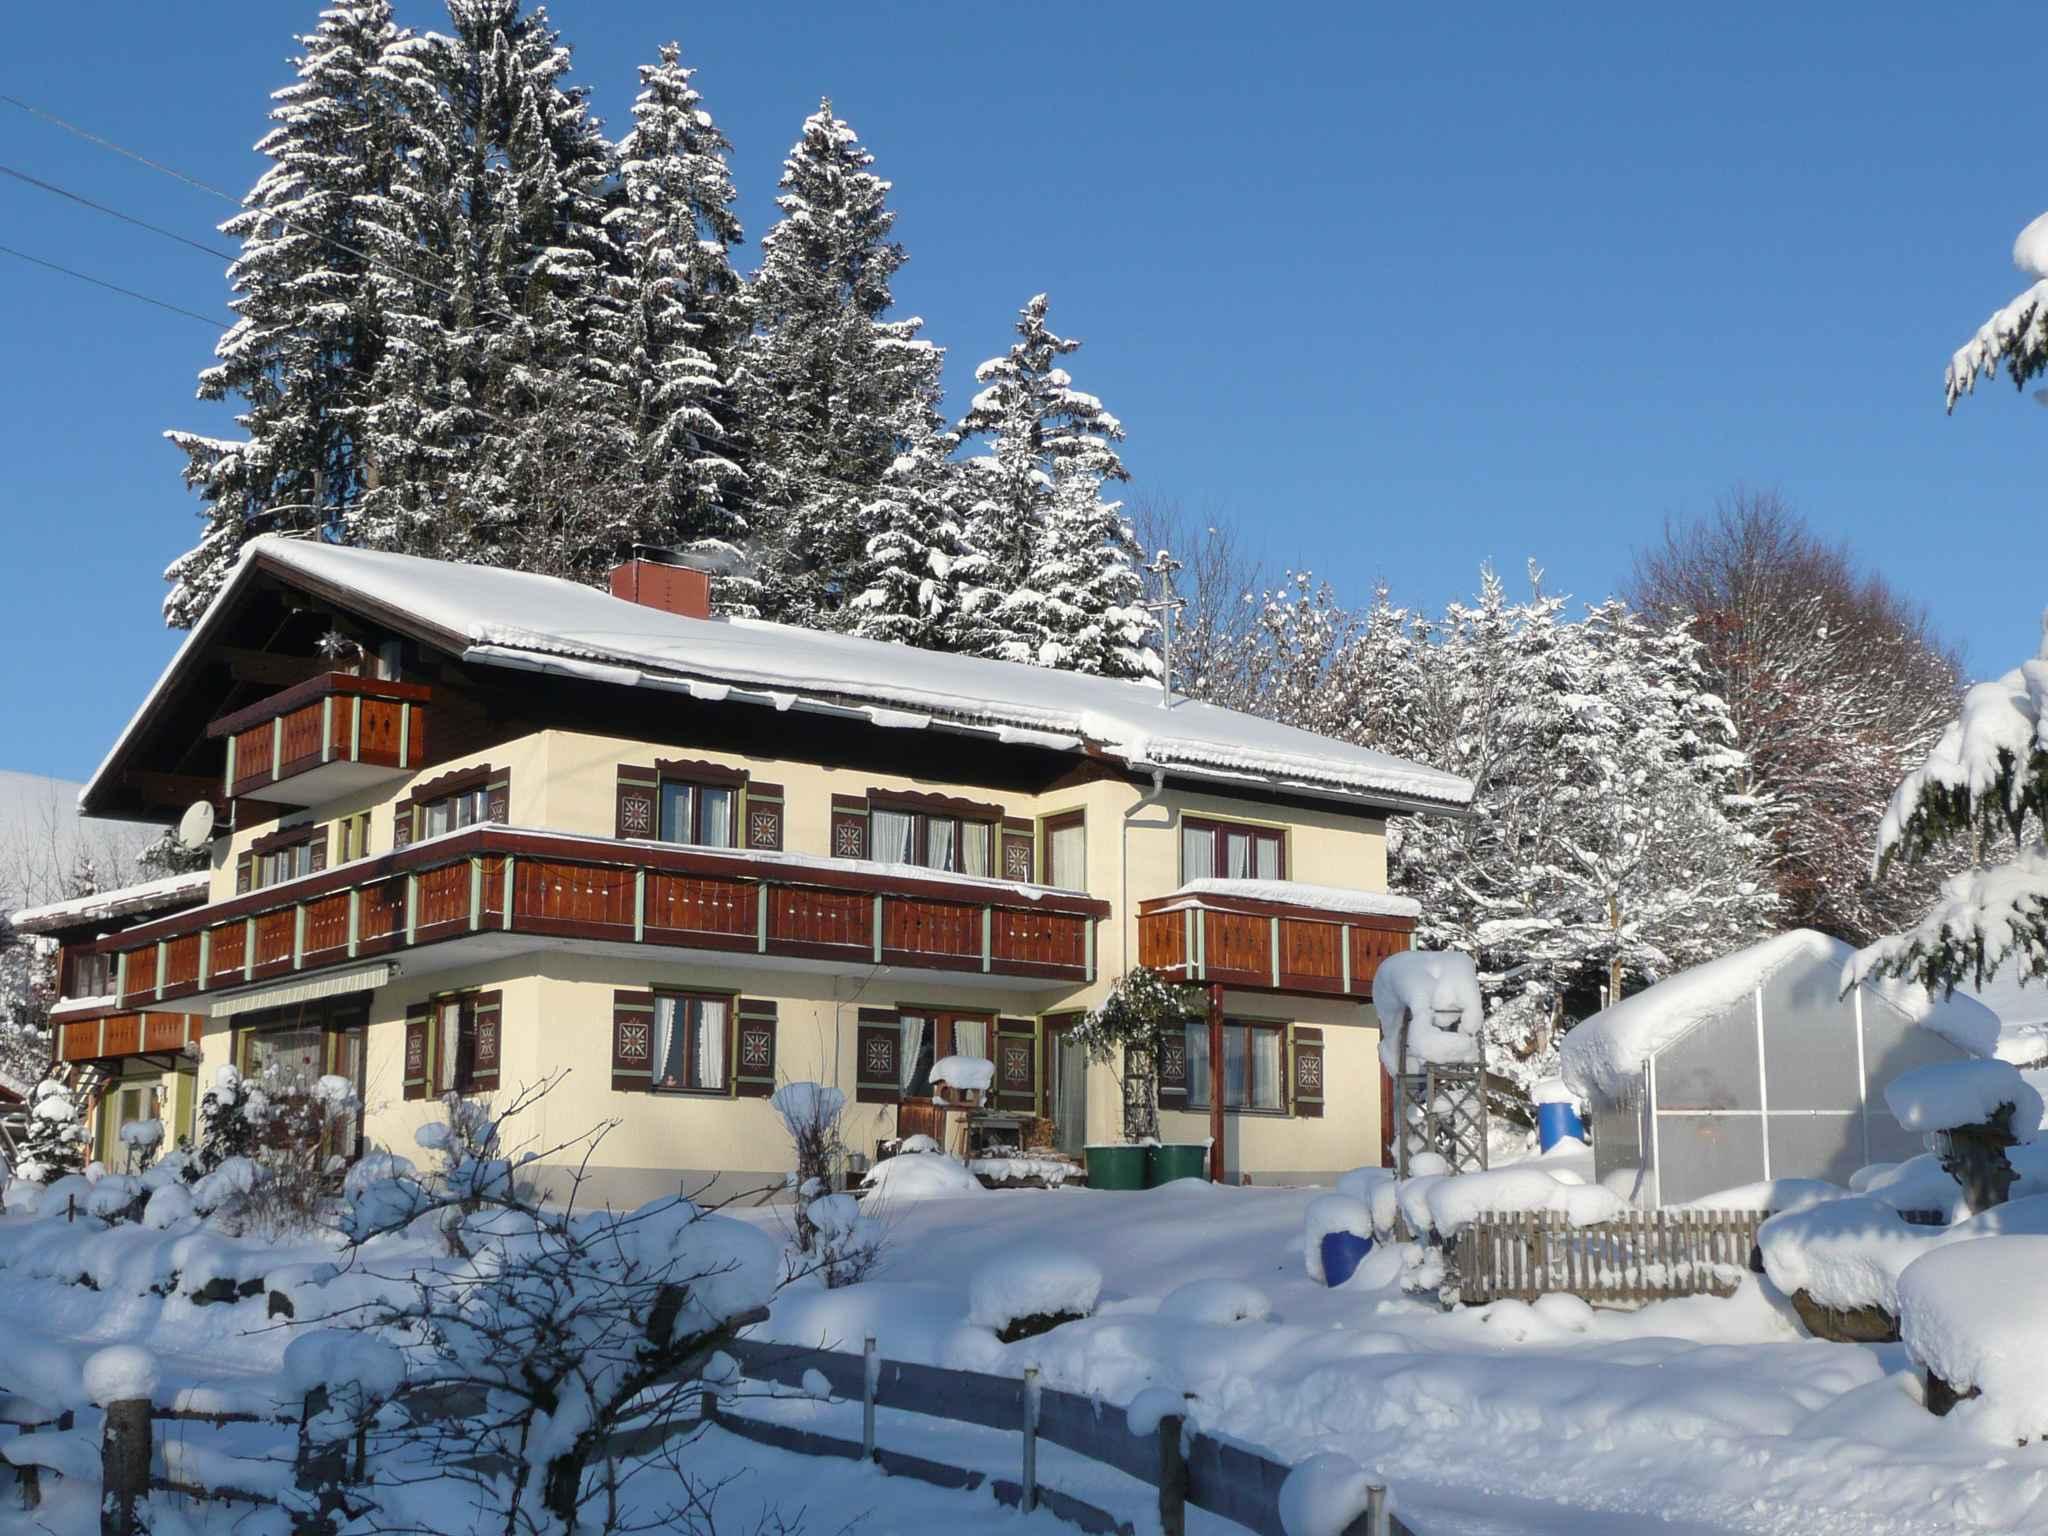 Ferienwohnung mit überdachtem Balkon (586882), Immenstadt, Allgäu (Bayern), Bayern, Deutschland, Bild 2